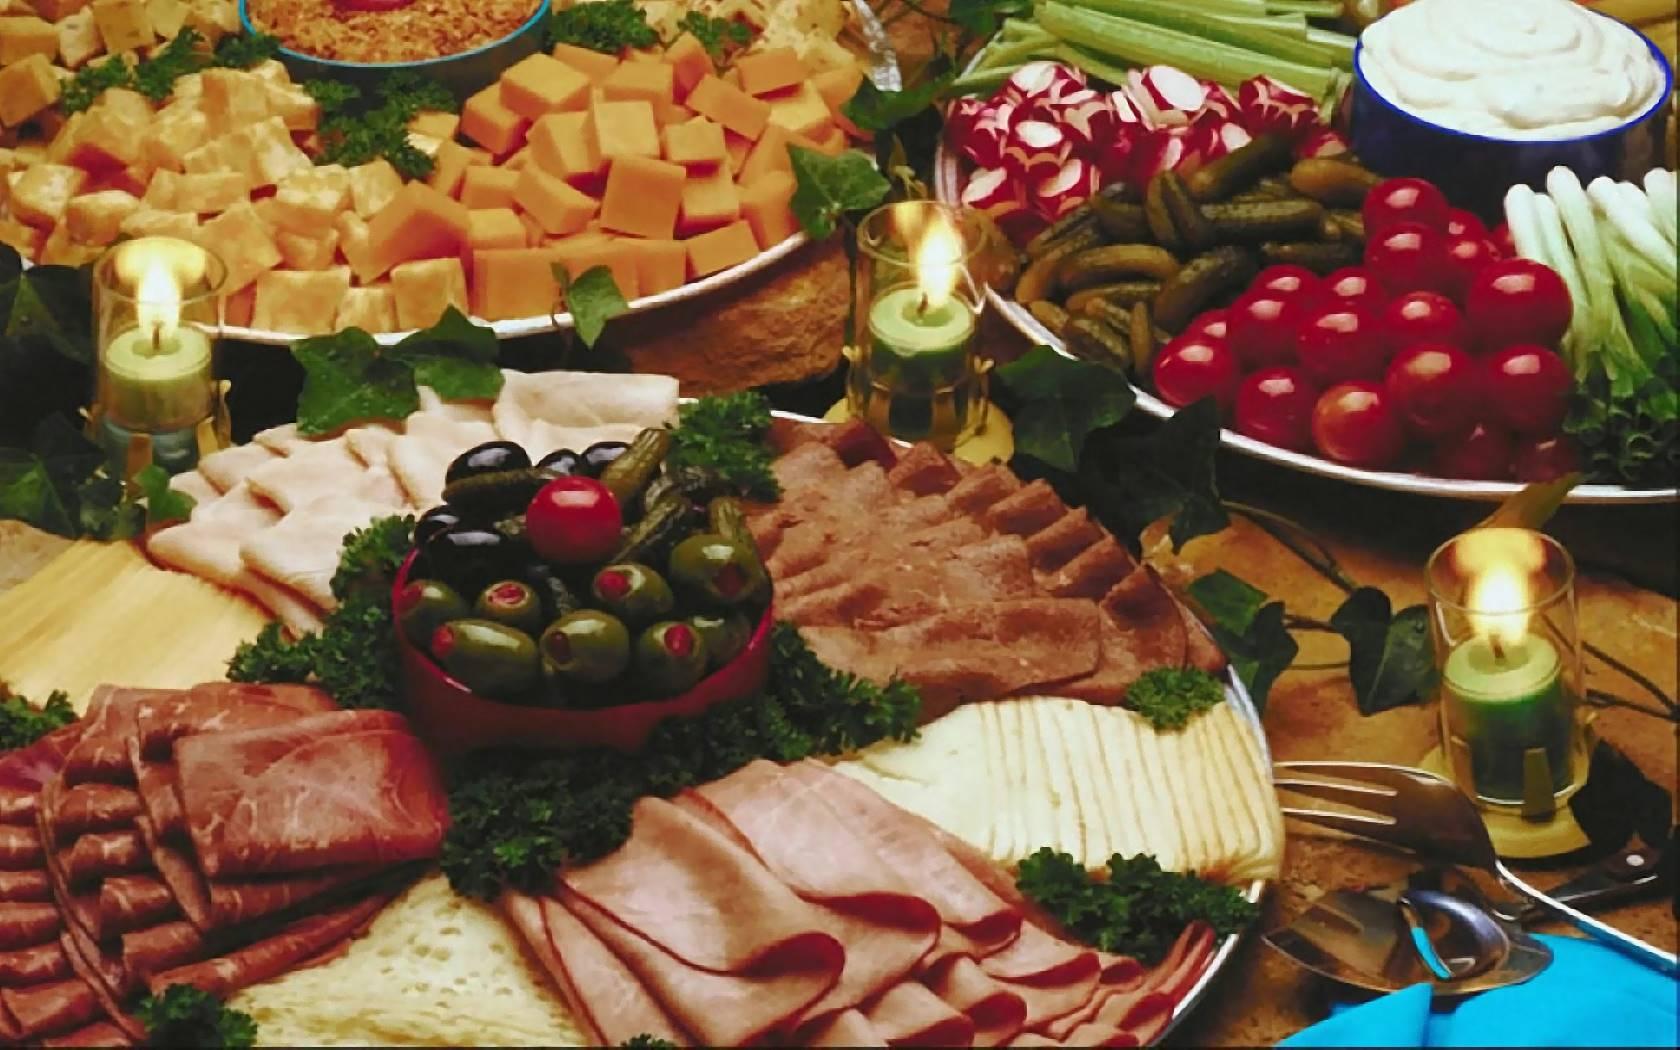 Праздничный стол фото в домашних условиях с едой